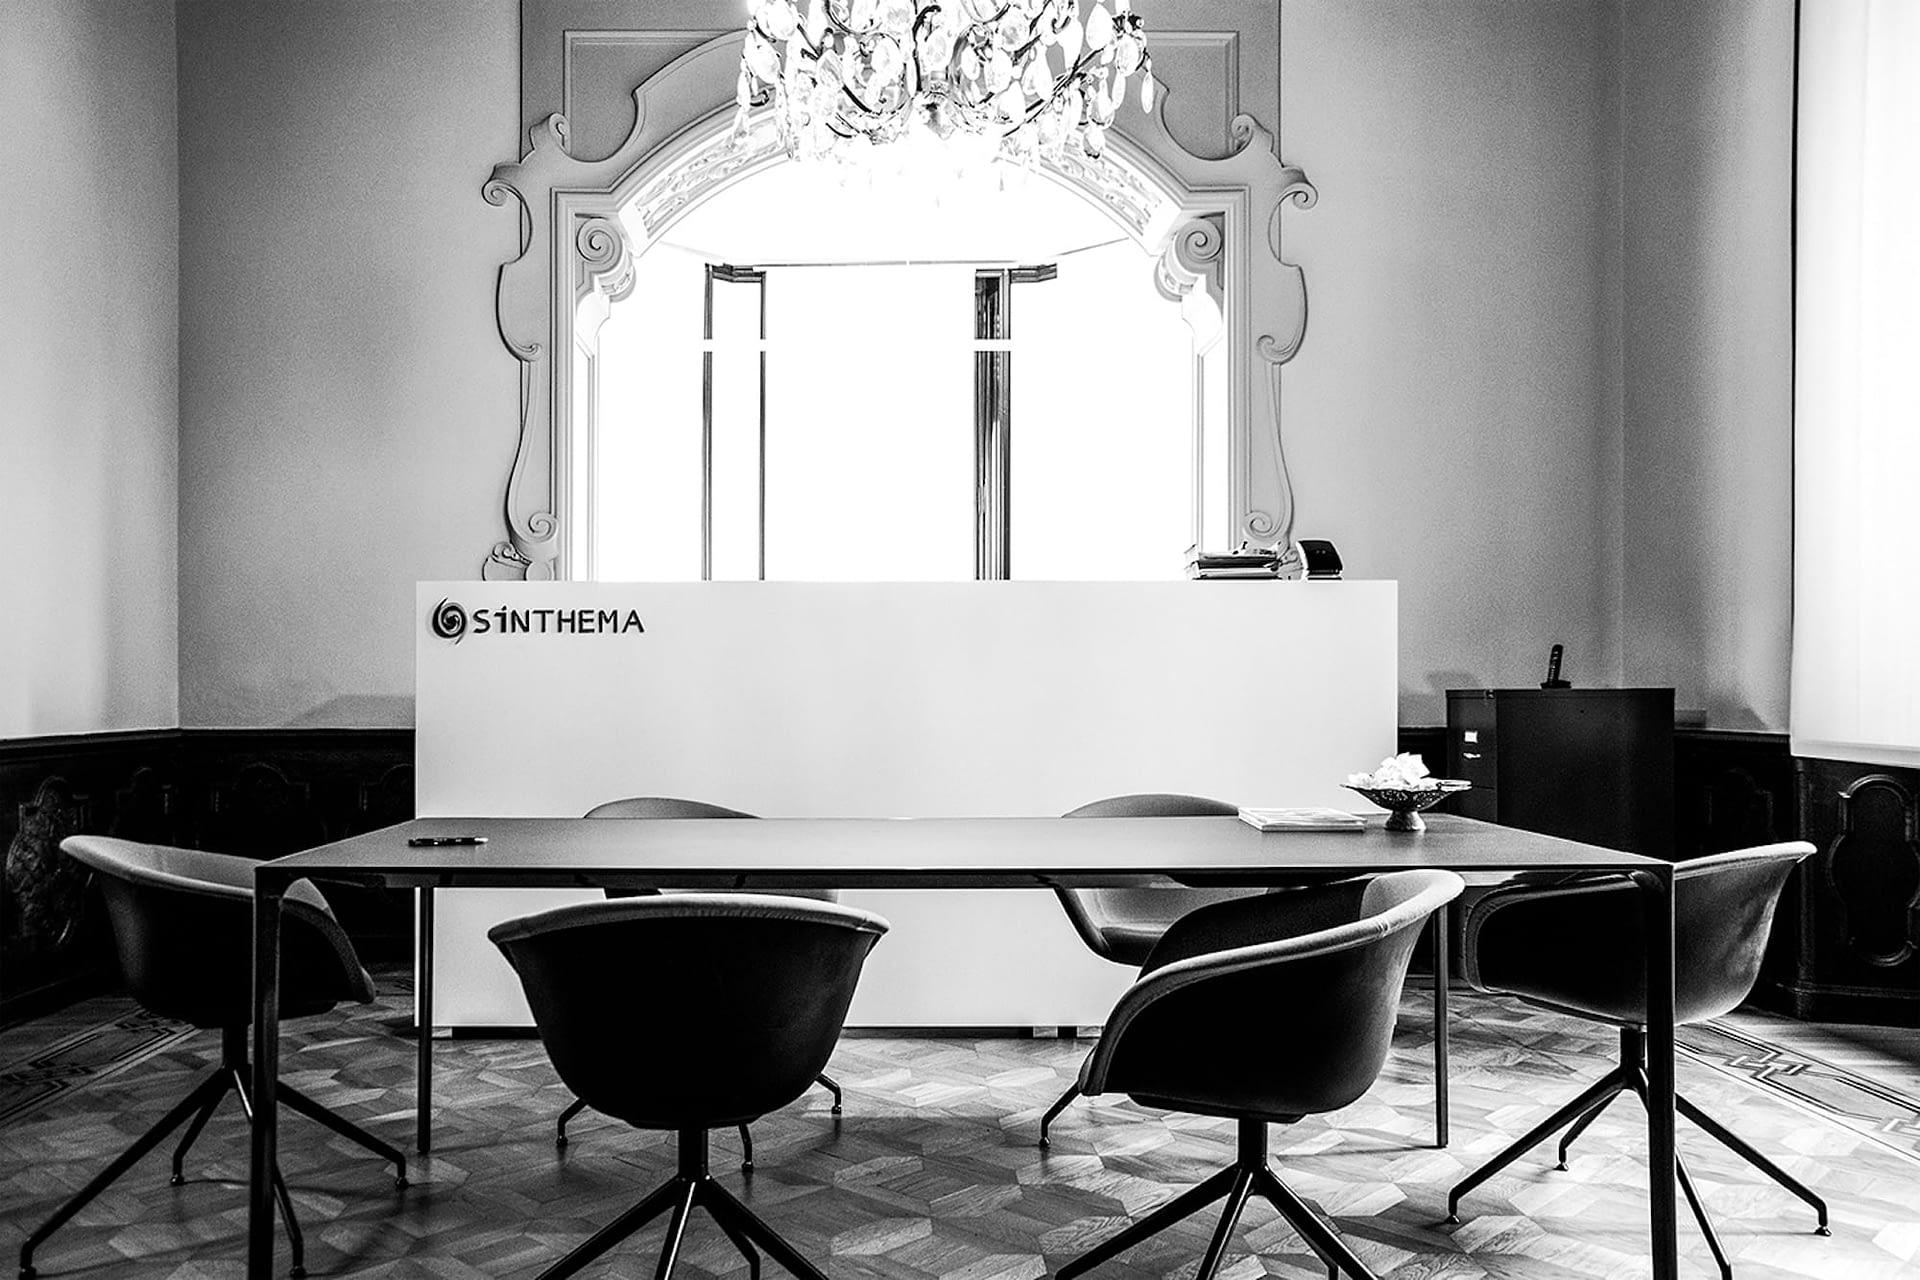 tavolo con sedie BN